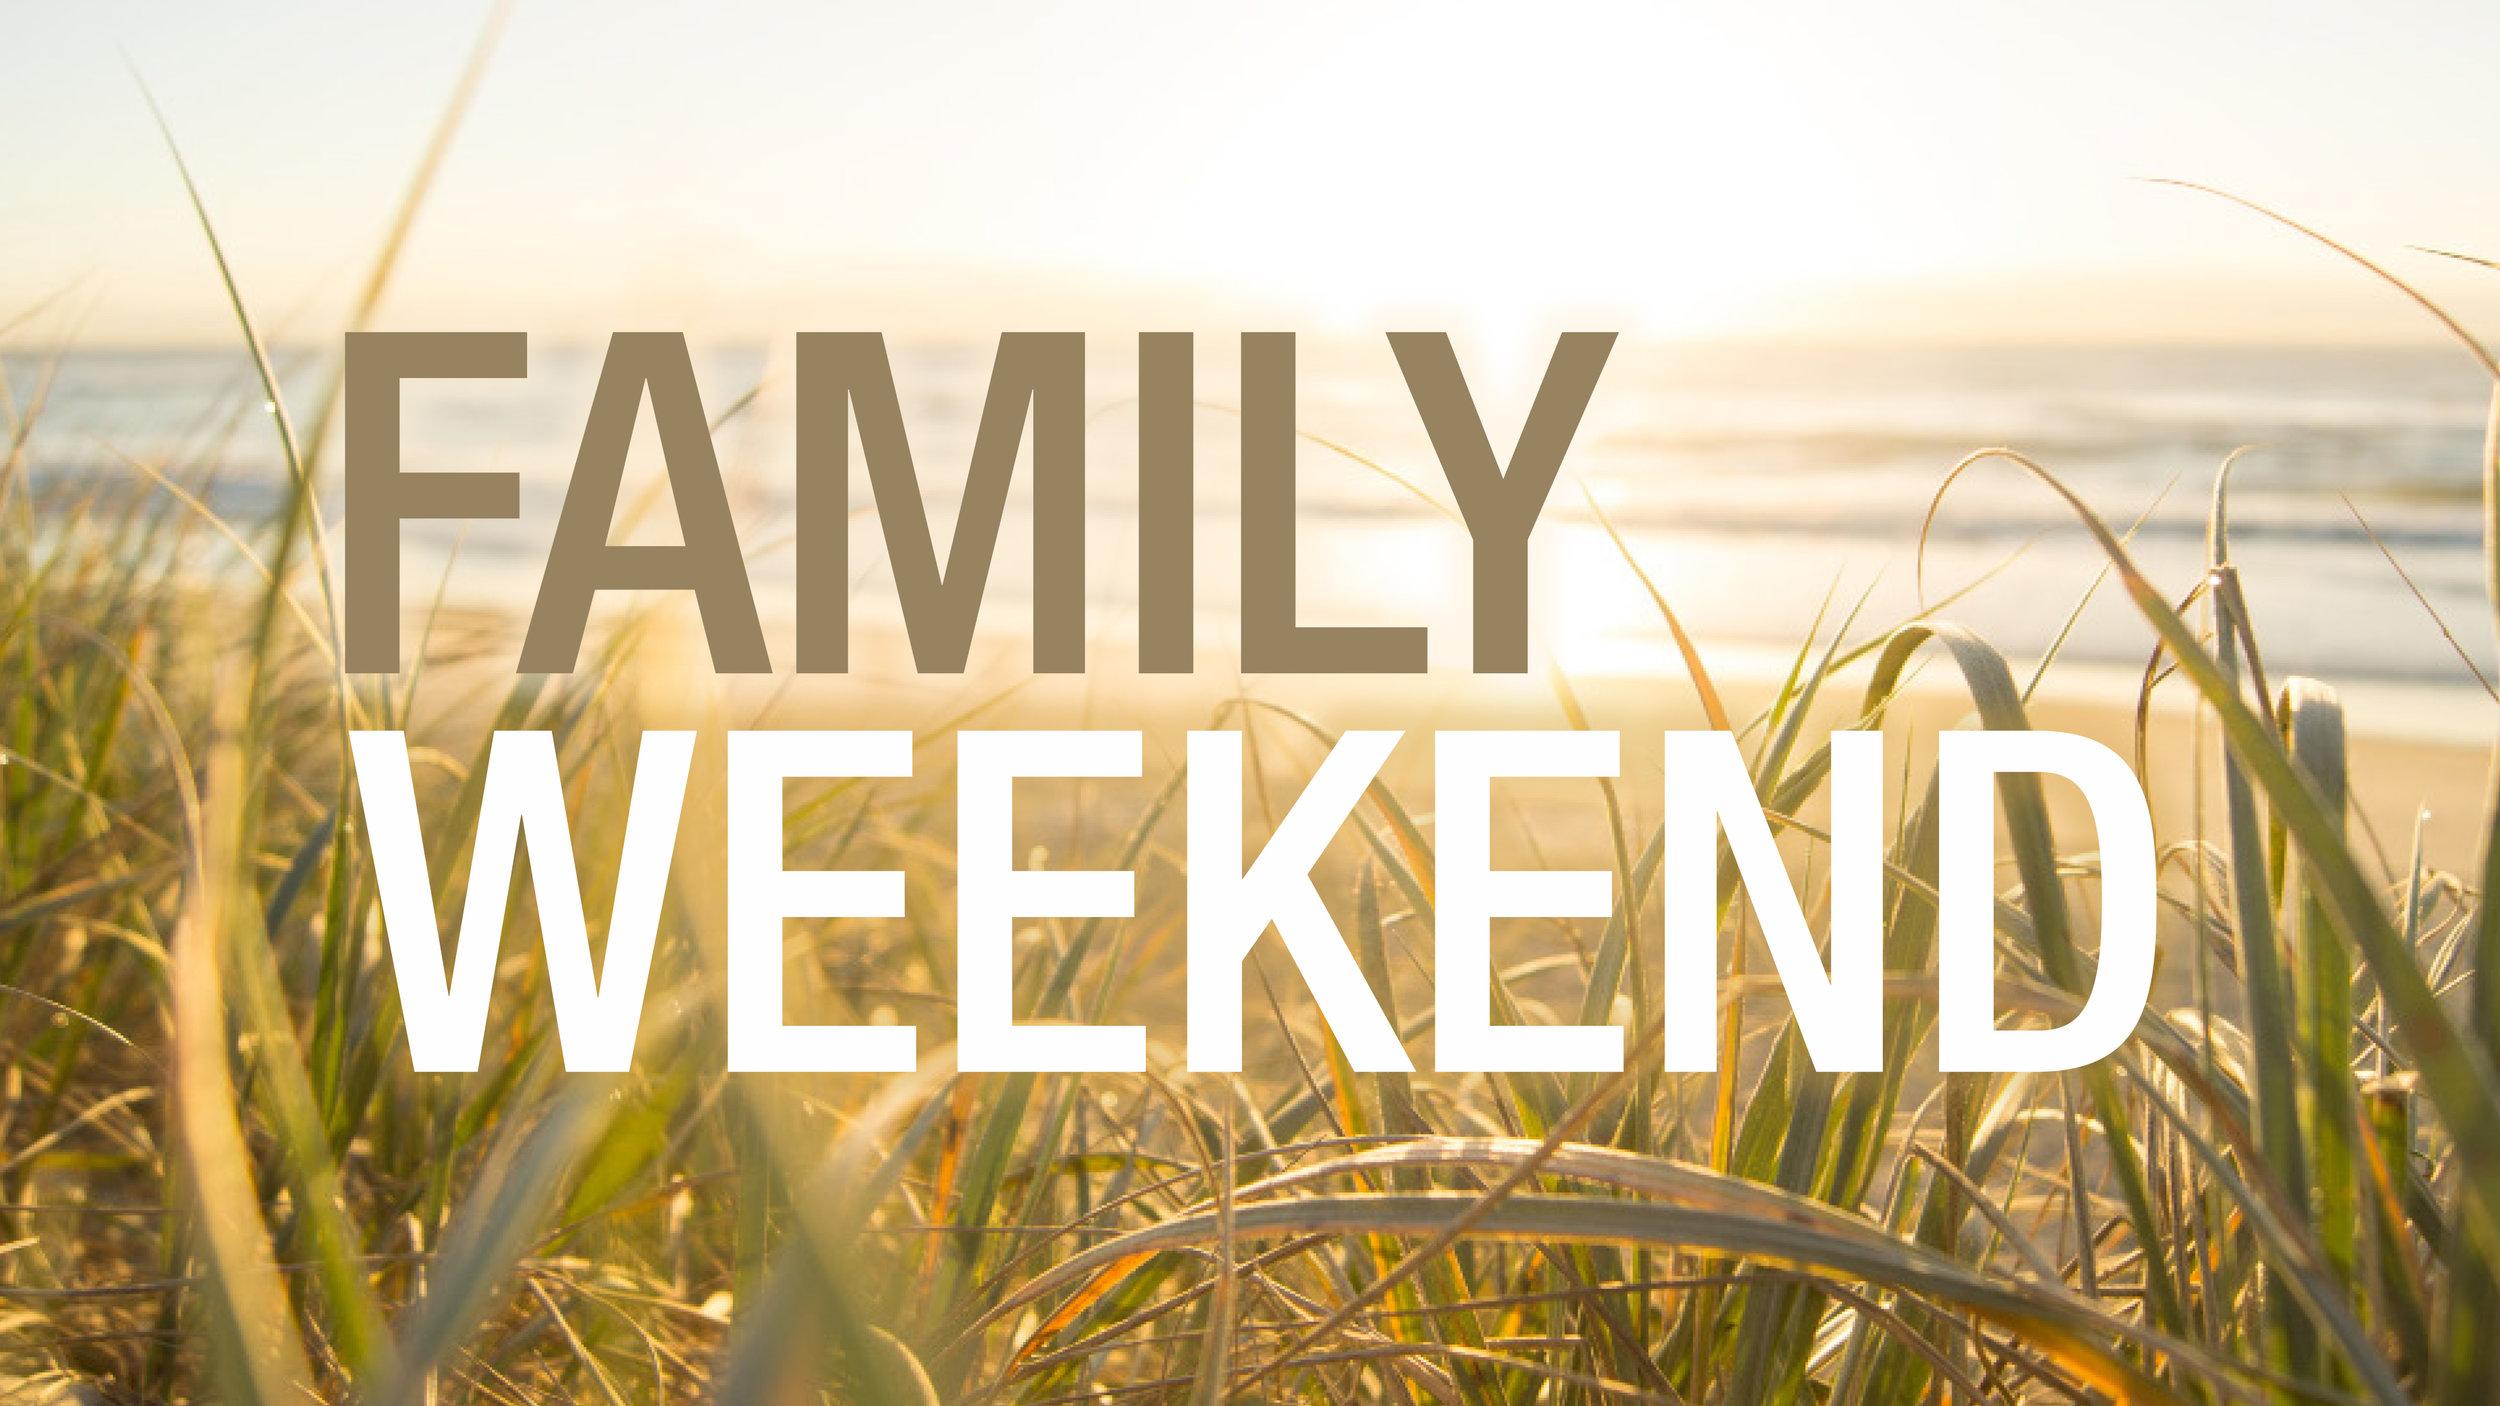 familyweekendad.jpg